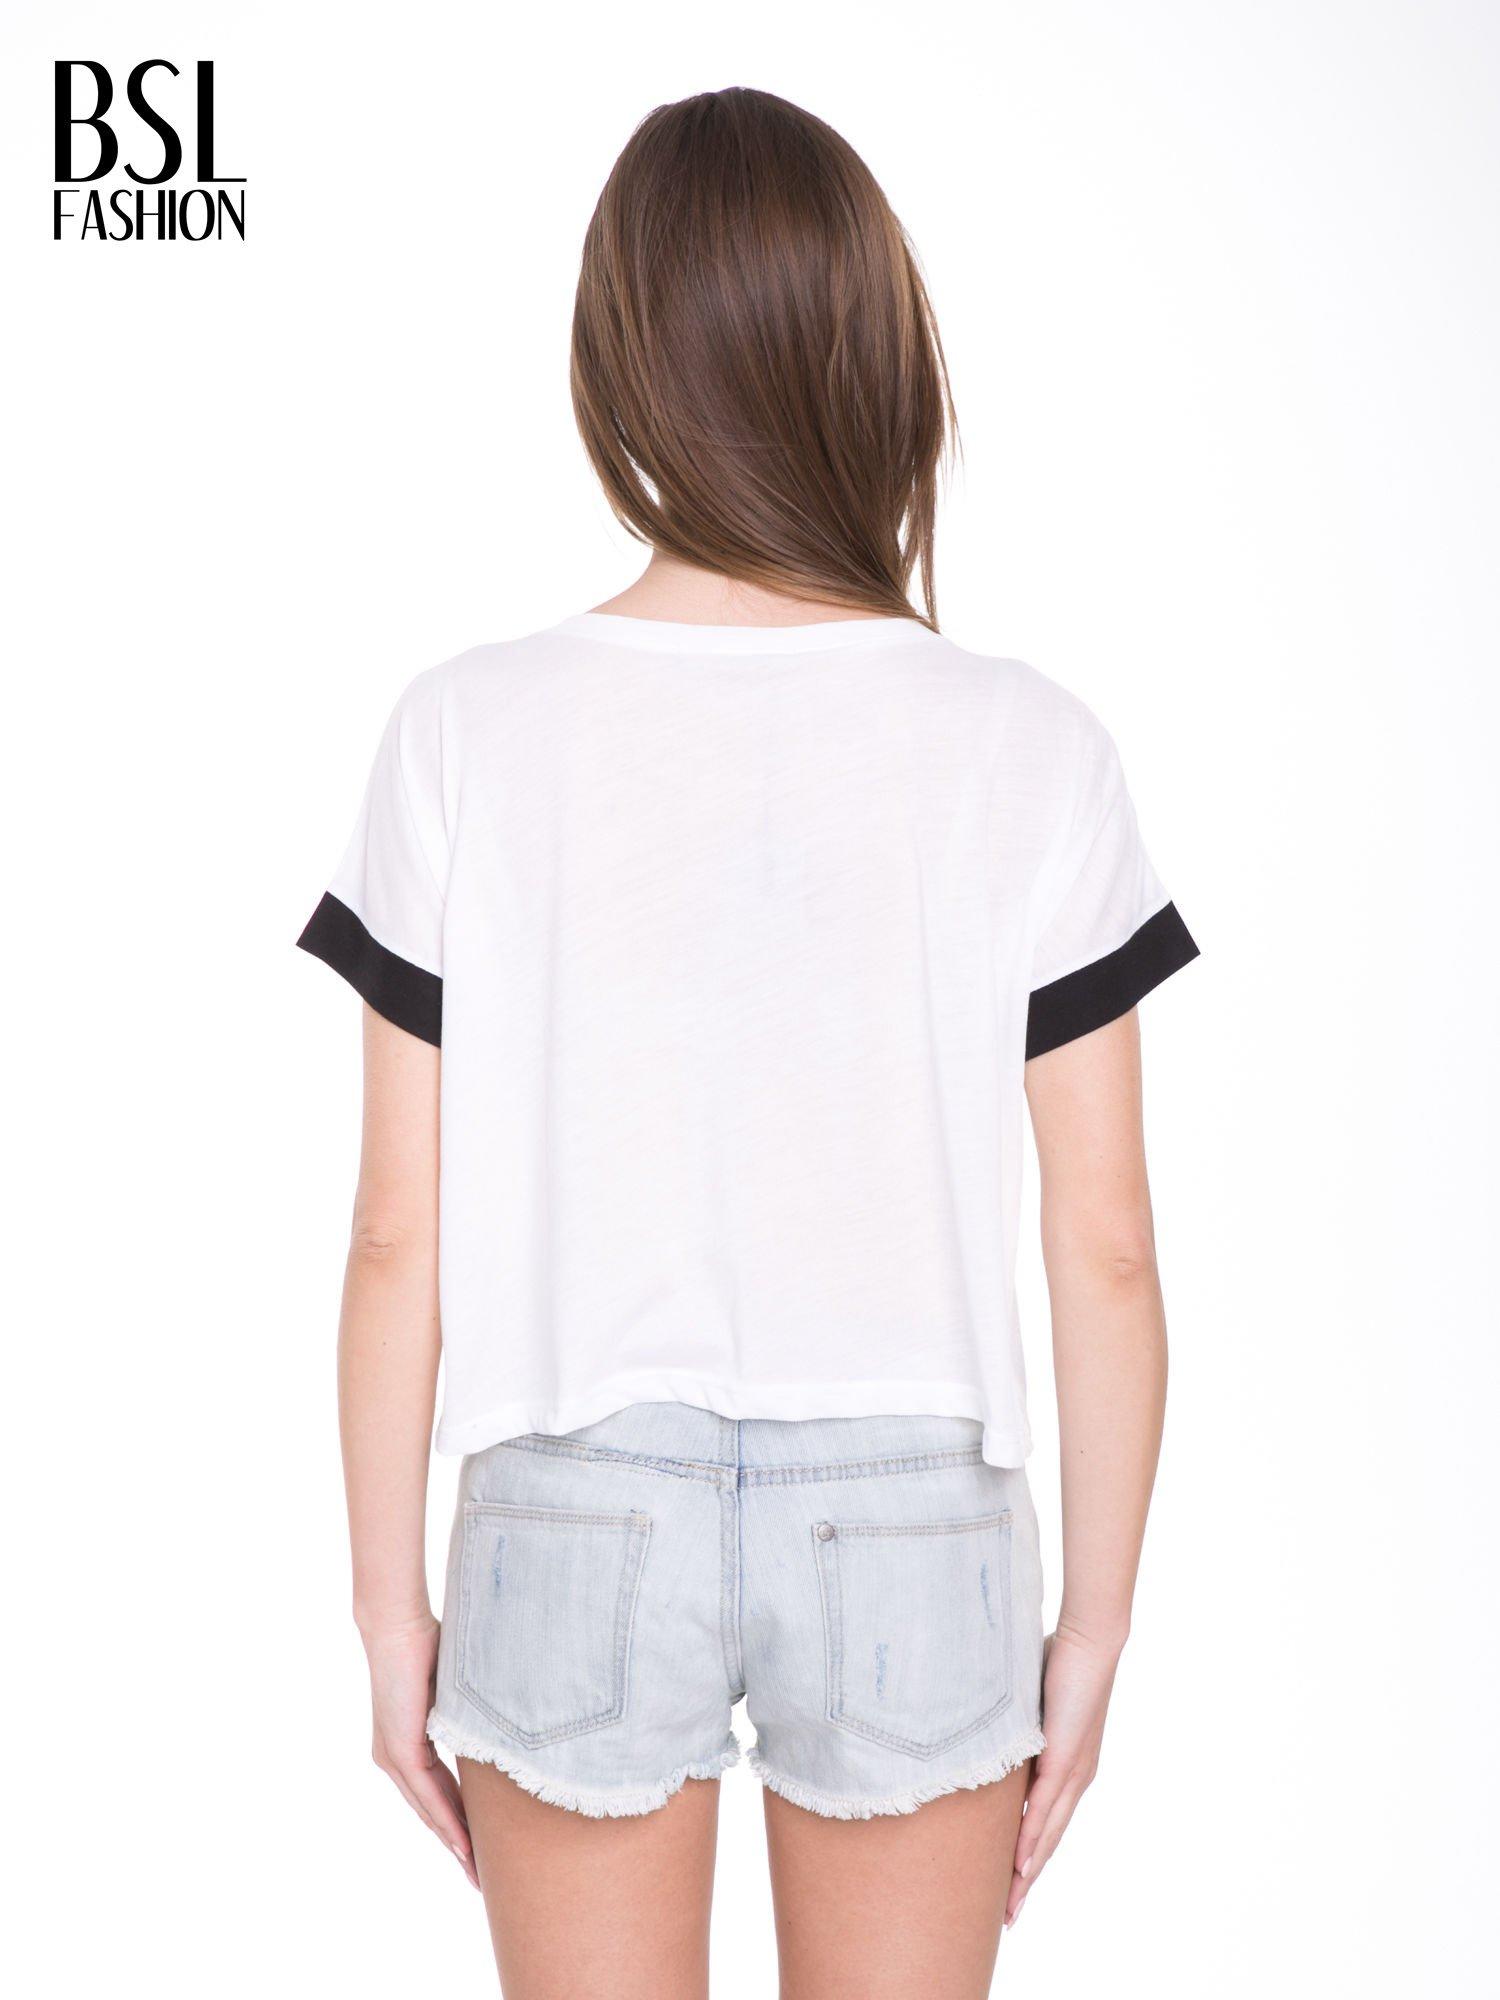 Biały t-shirt z literą B i kontrastowymi rękawami w stylu baseballowym                                  zdj.                                  4